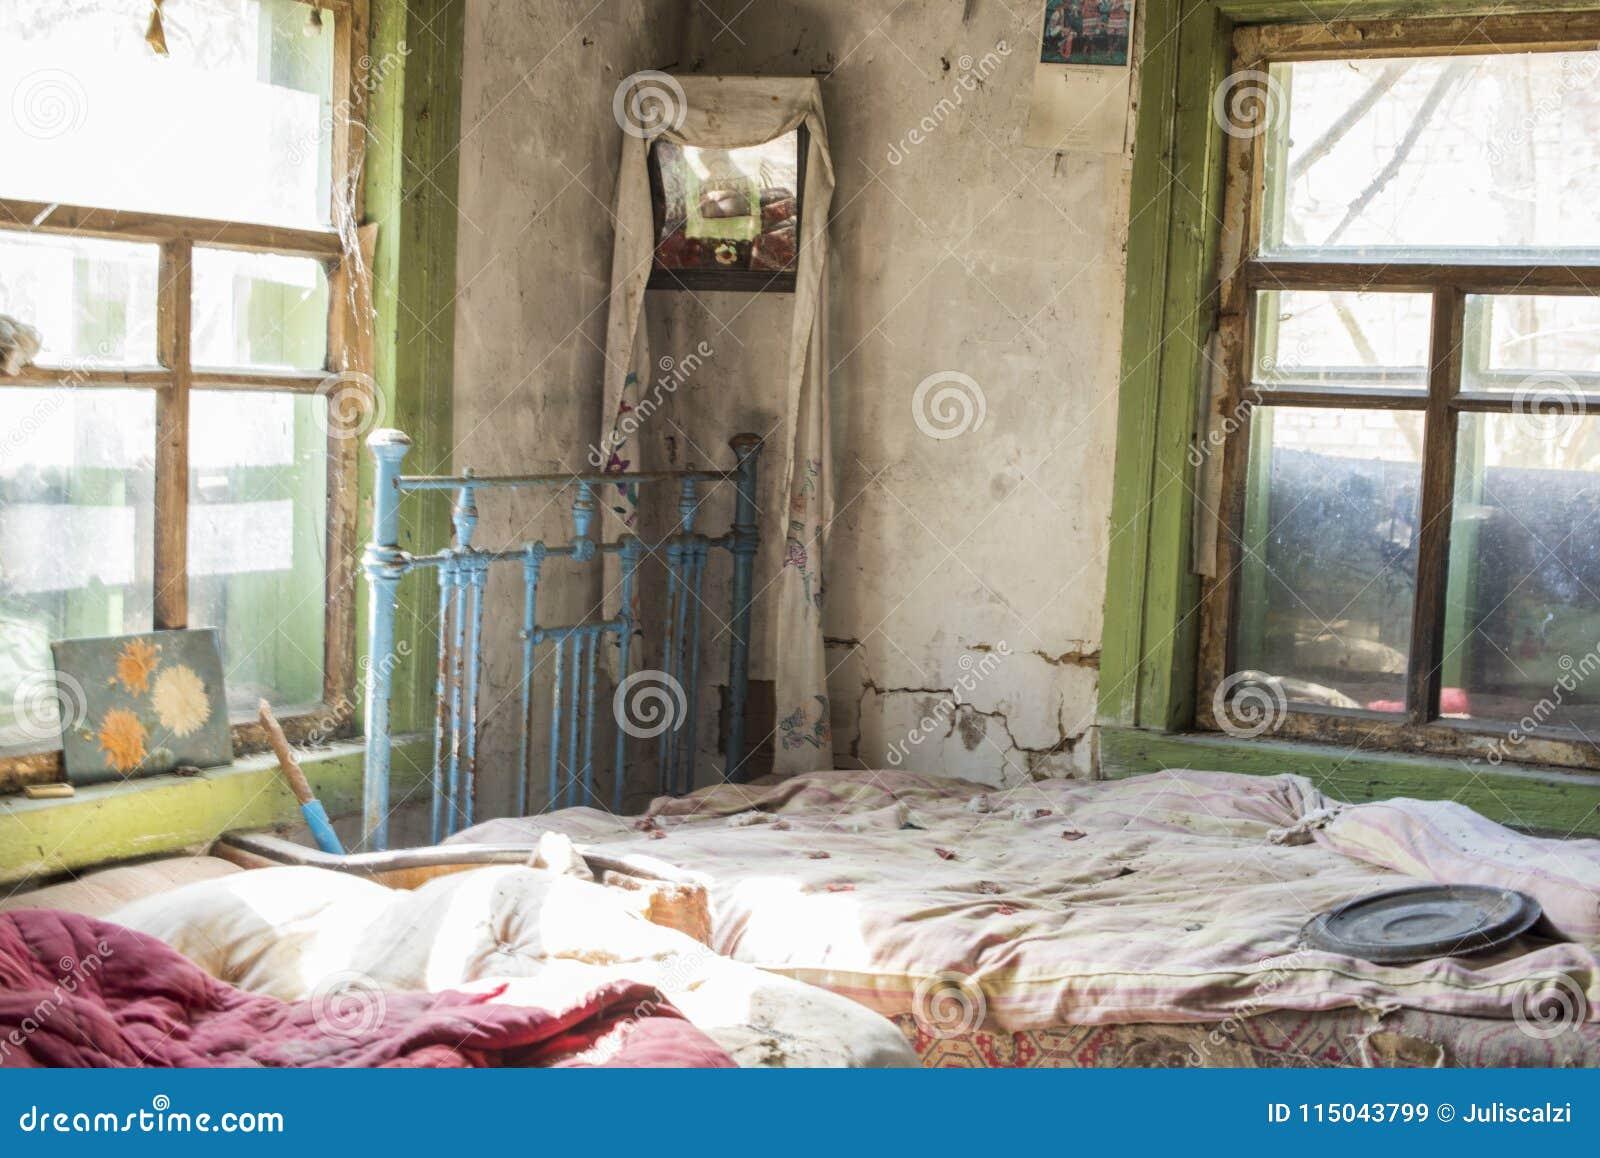 Sypialnia w starej chałupie w zaniechanej wiosce, Chernobyl niedopuszczenie, Ukraina